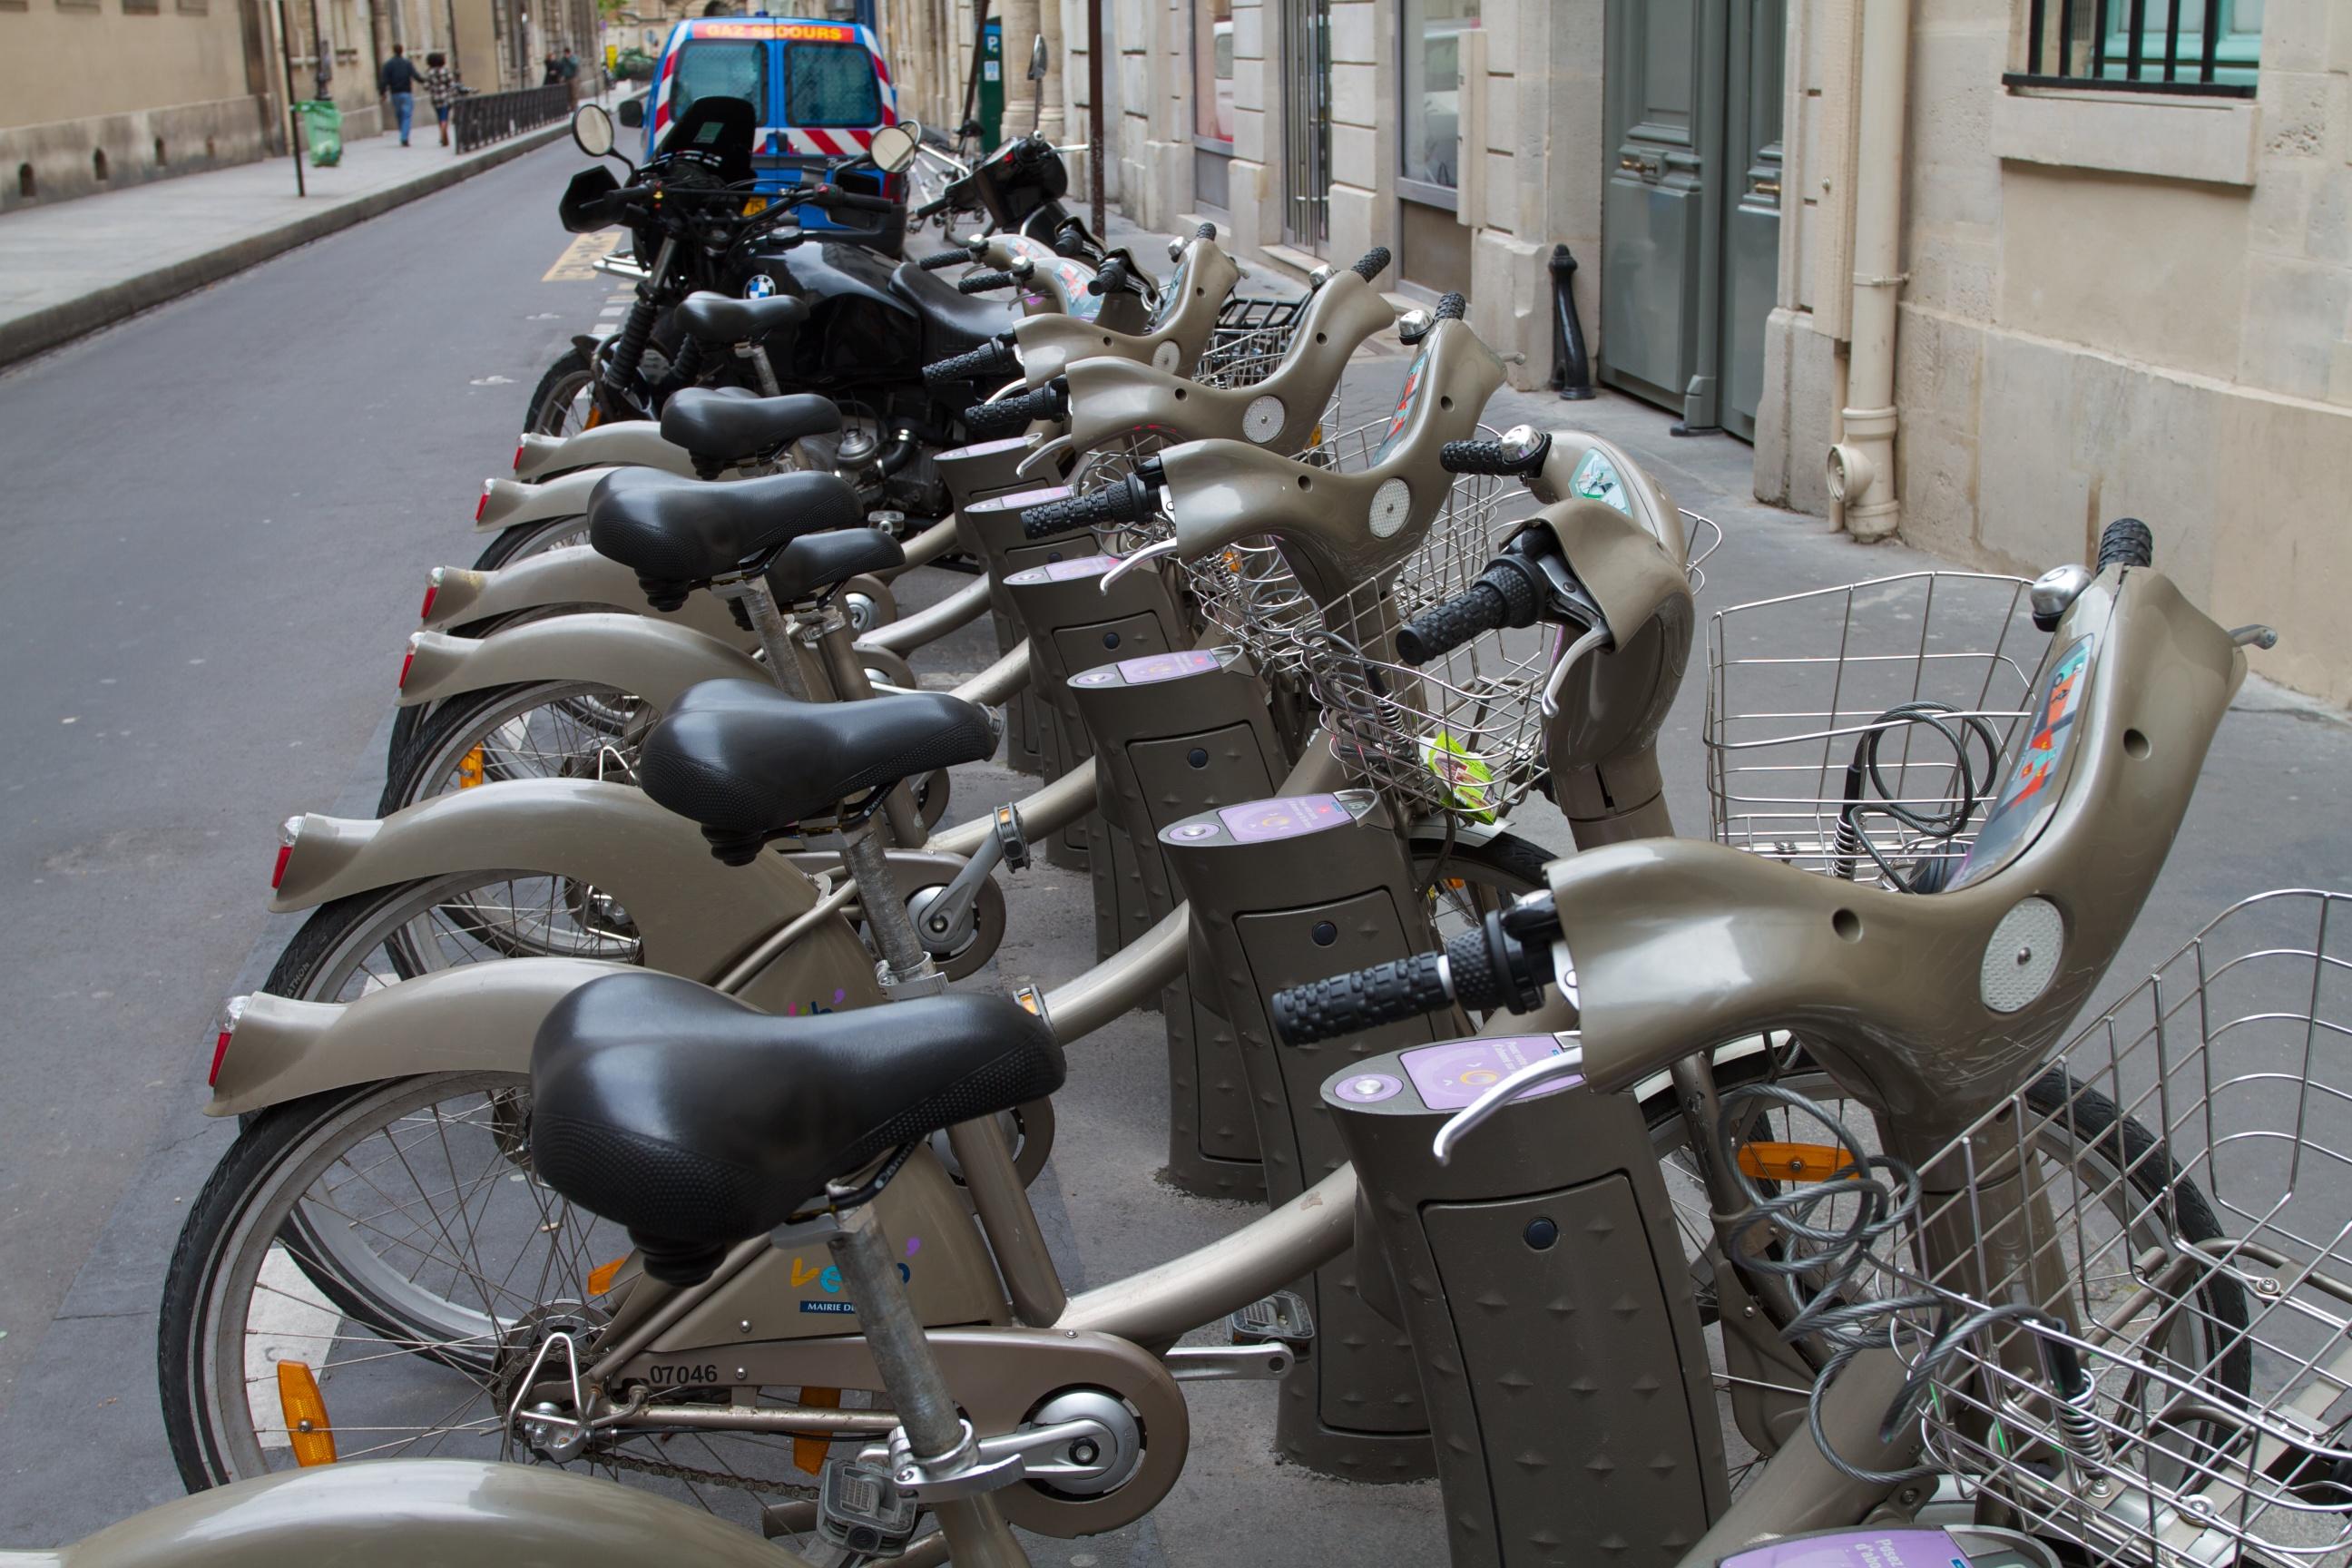 street bikes, Paris